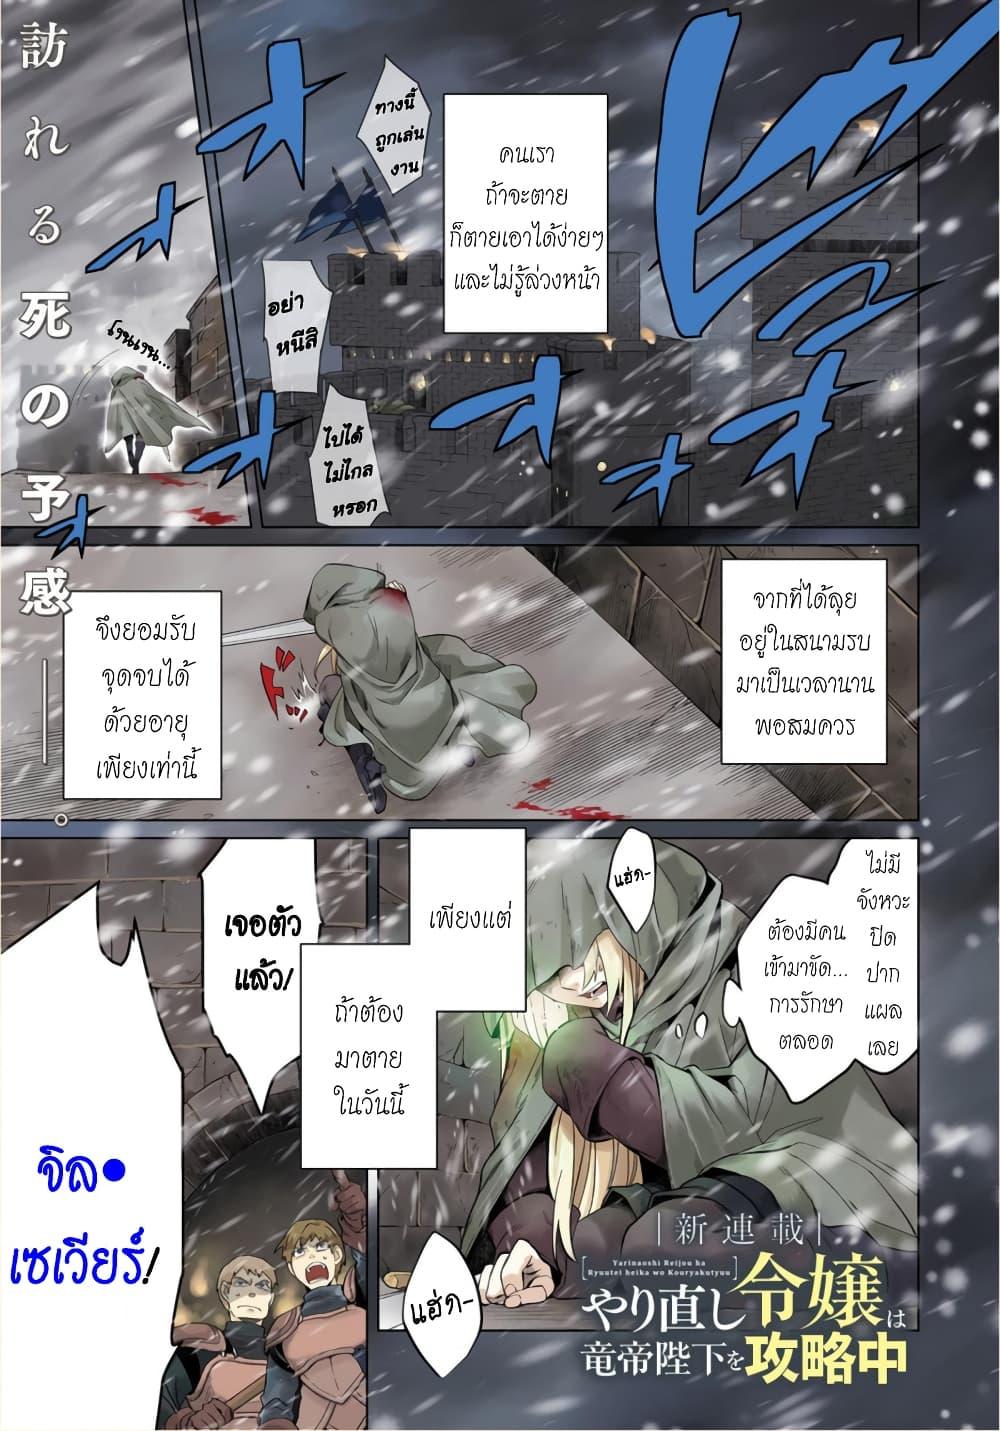 Yarinaoshi Reijou ha Ryuu-mikado Heika wo Kouryakuchuu หนีซิสคอนปะโลลิคอน ตอนที่ 1